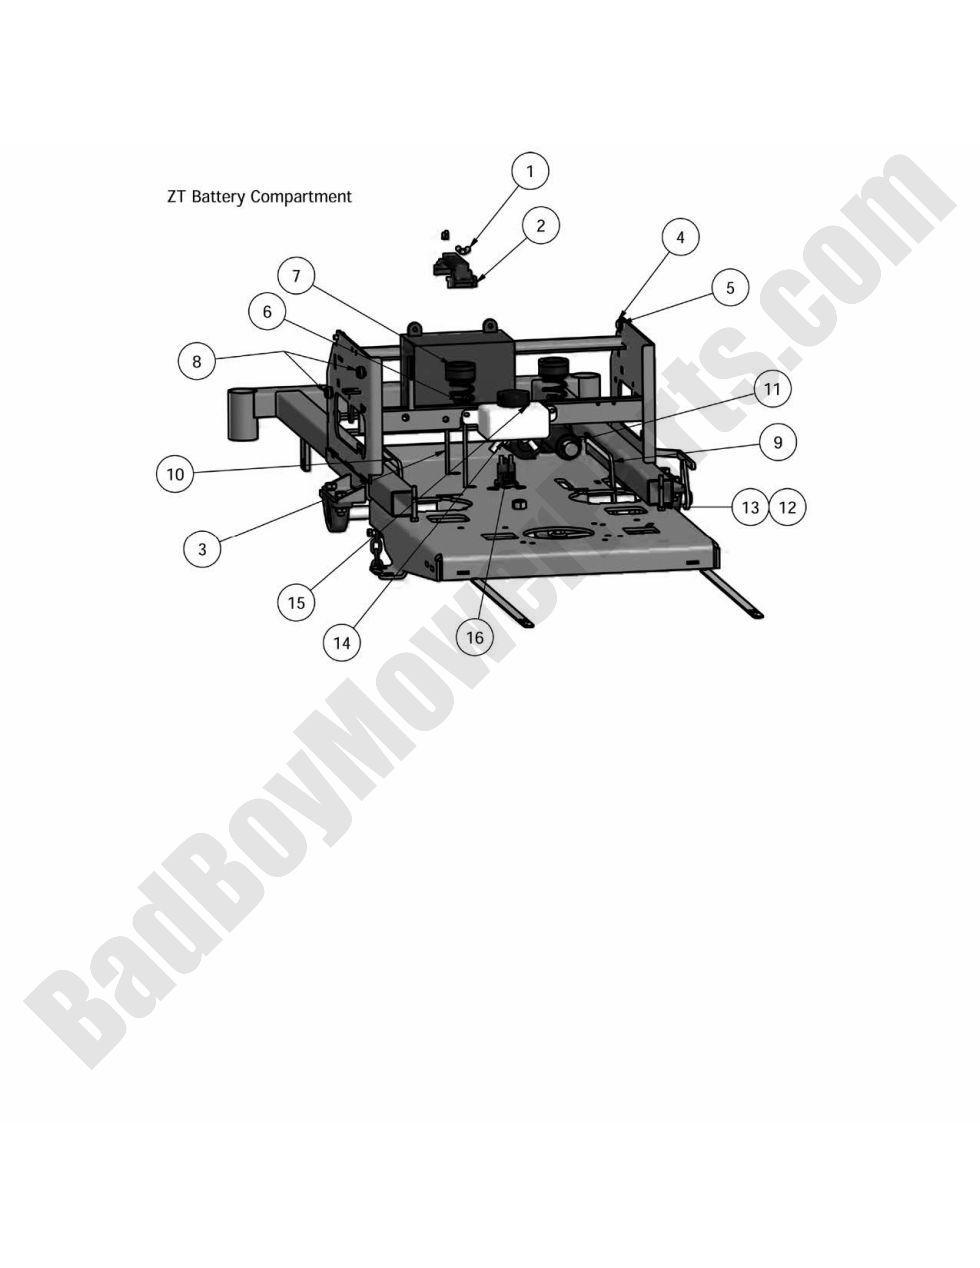 bad boy parts lookup 2010 zt battery. Black Bedroom Furniture Sets. Home Design Ideas